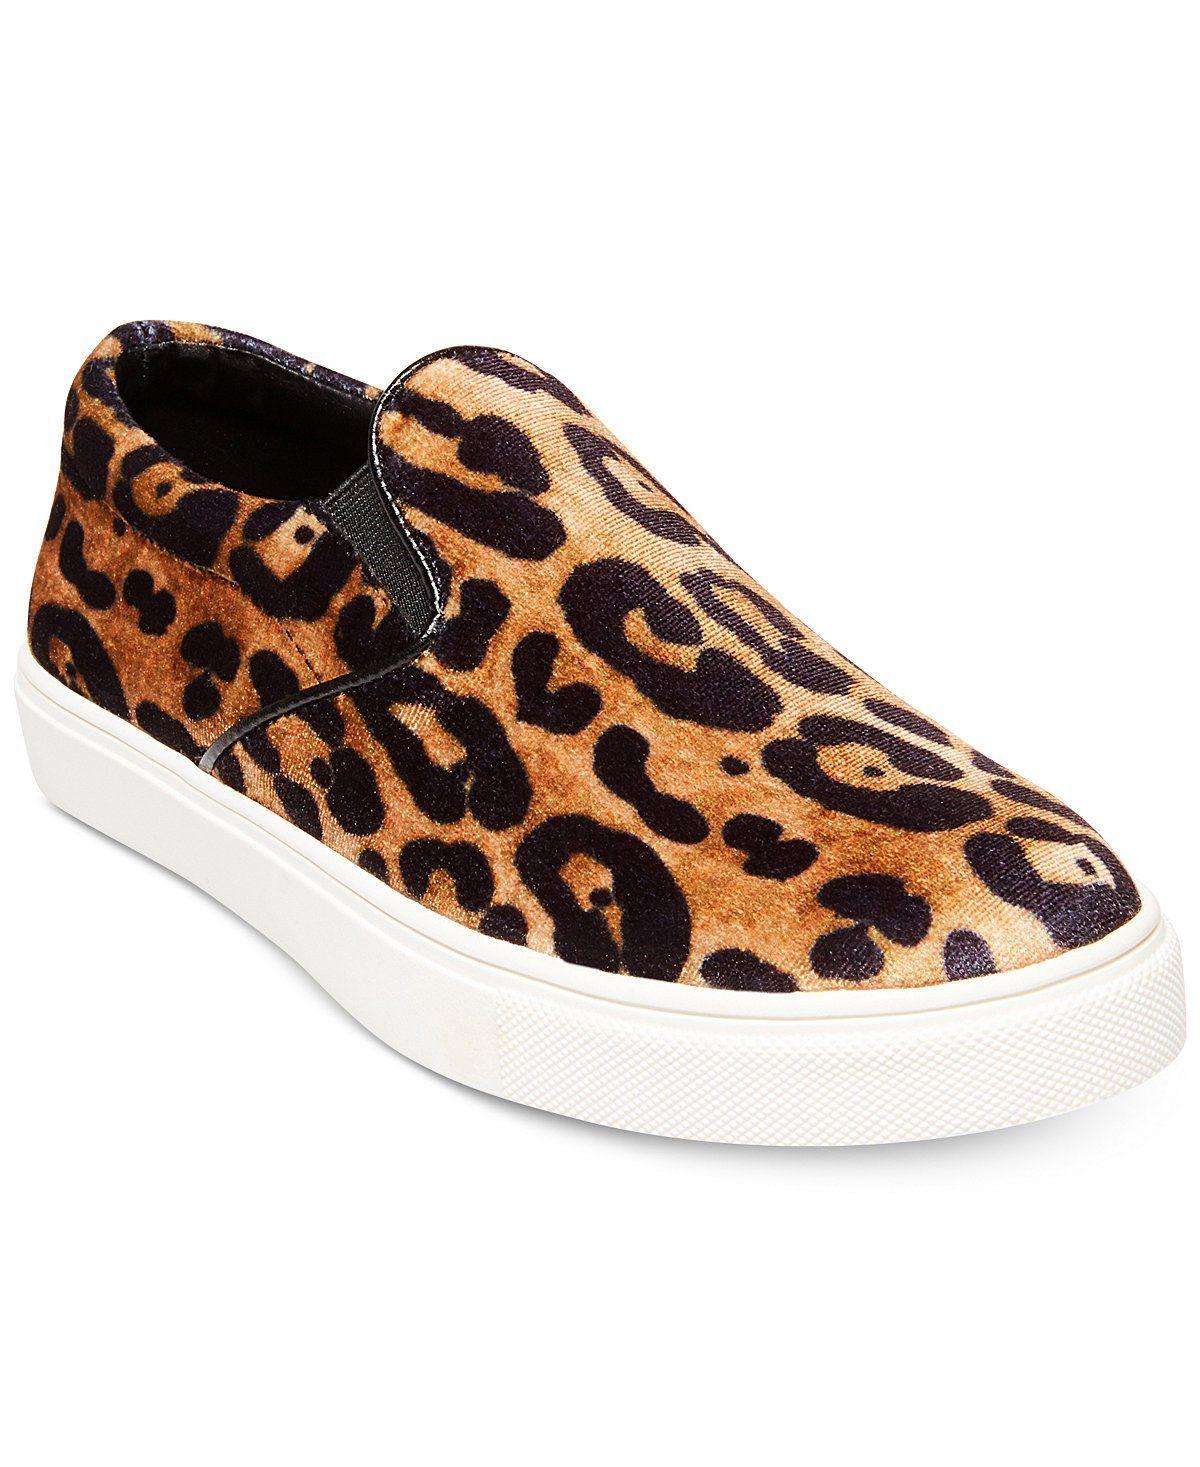 steve madden cheetah schuhe release